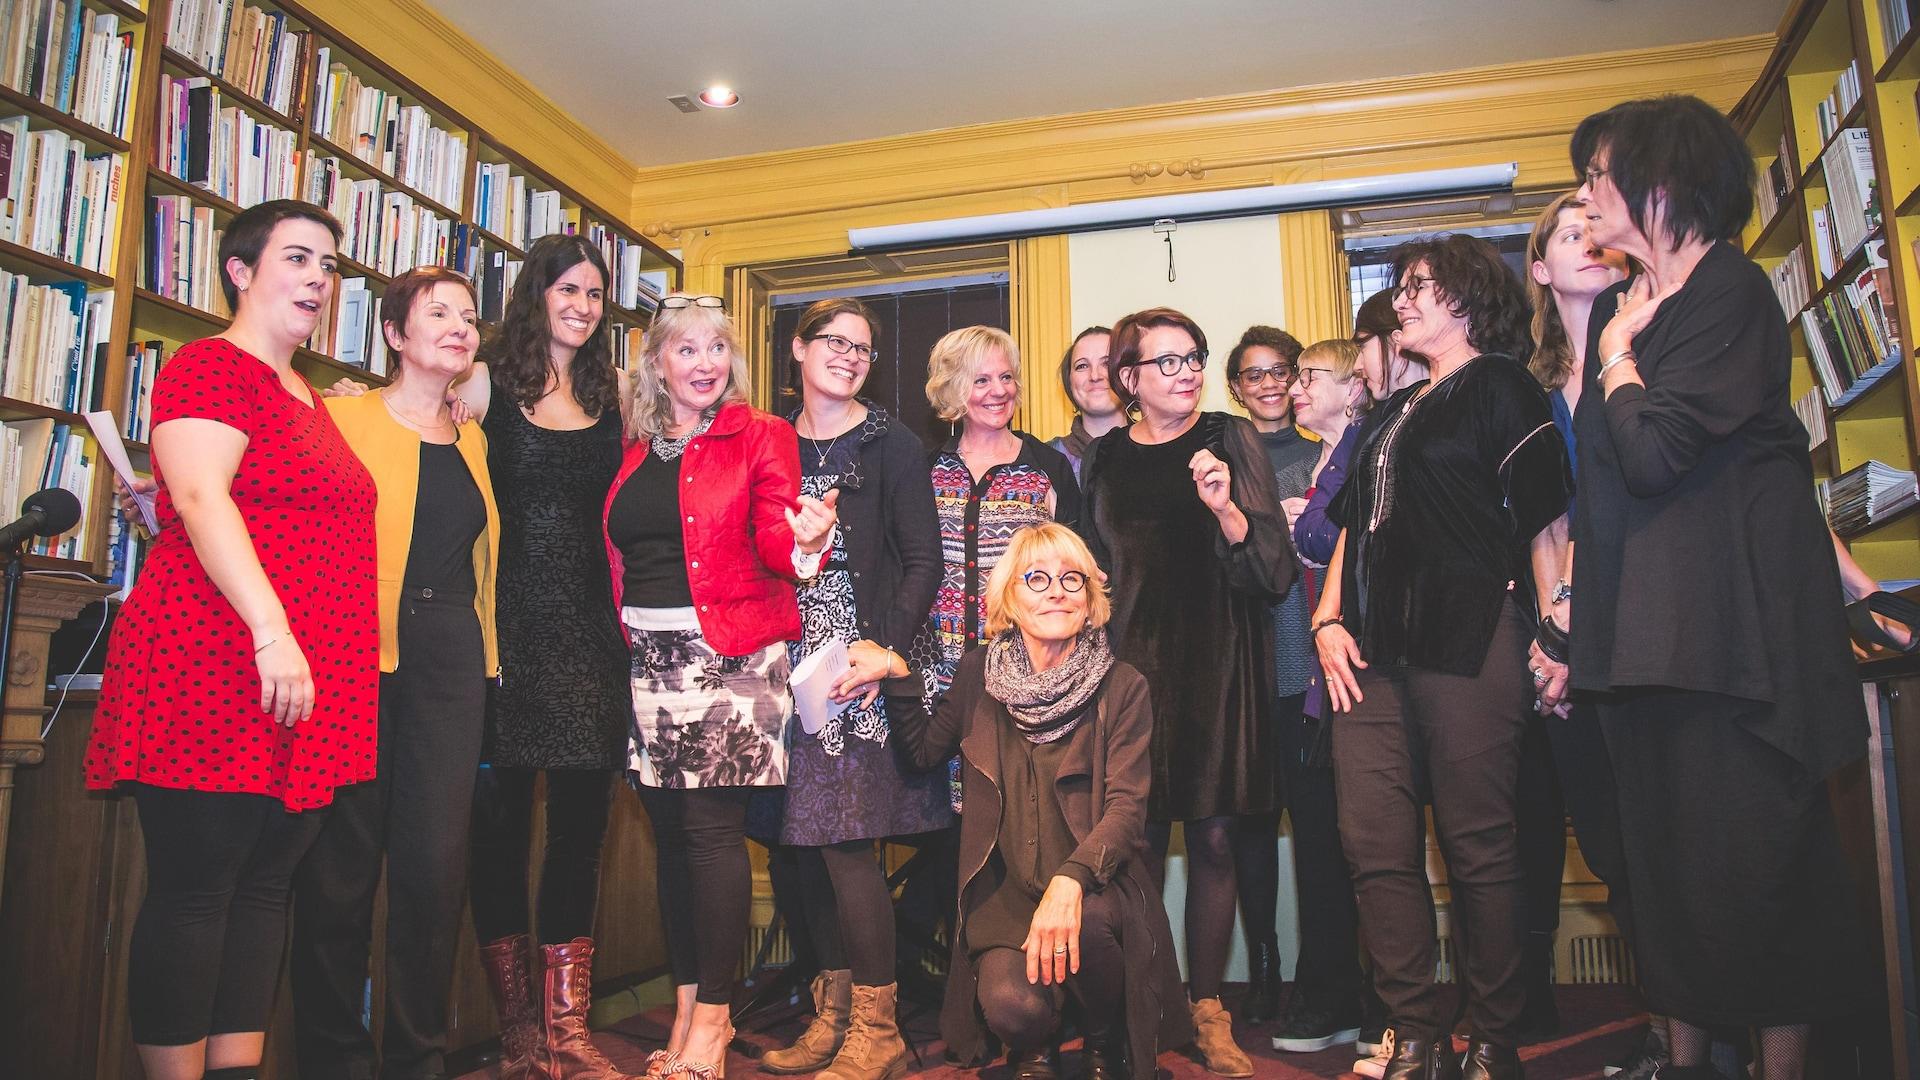 Une partie des 22 auteures québécoises qui ont participé au recueil collectif, dont la directrice de l'ouvrage, Sara Dignard, et Louise Dupré (à gauche).